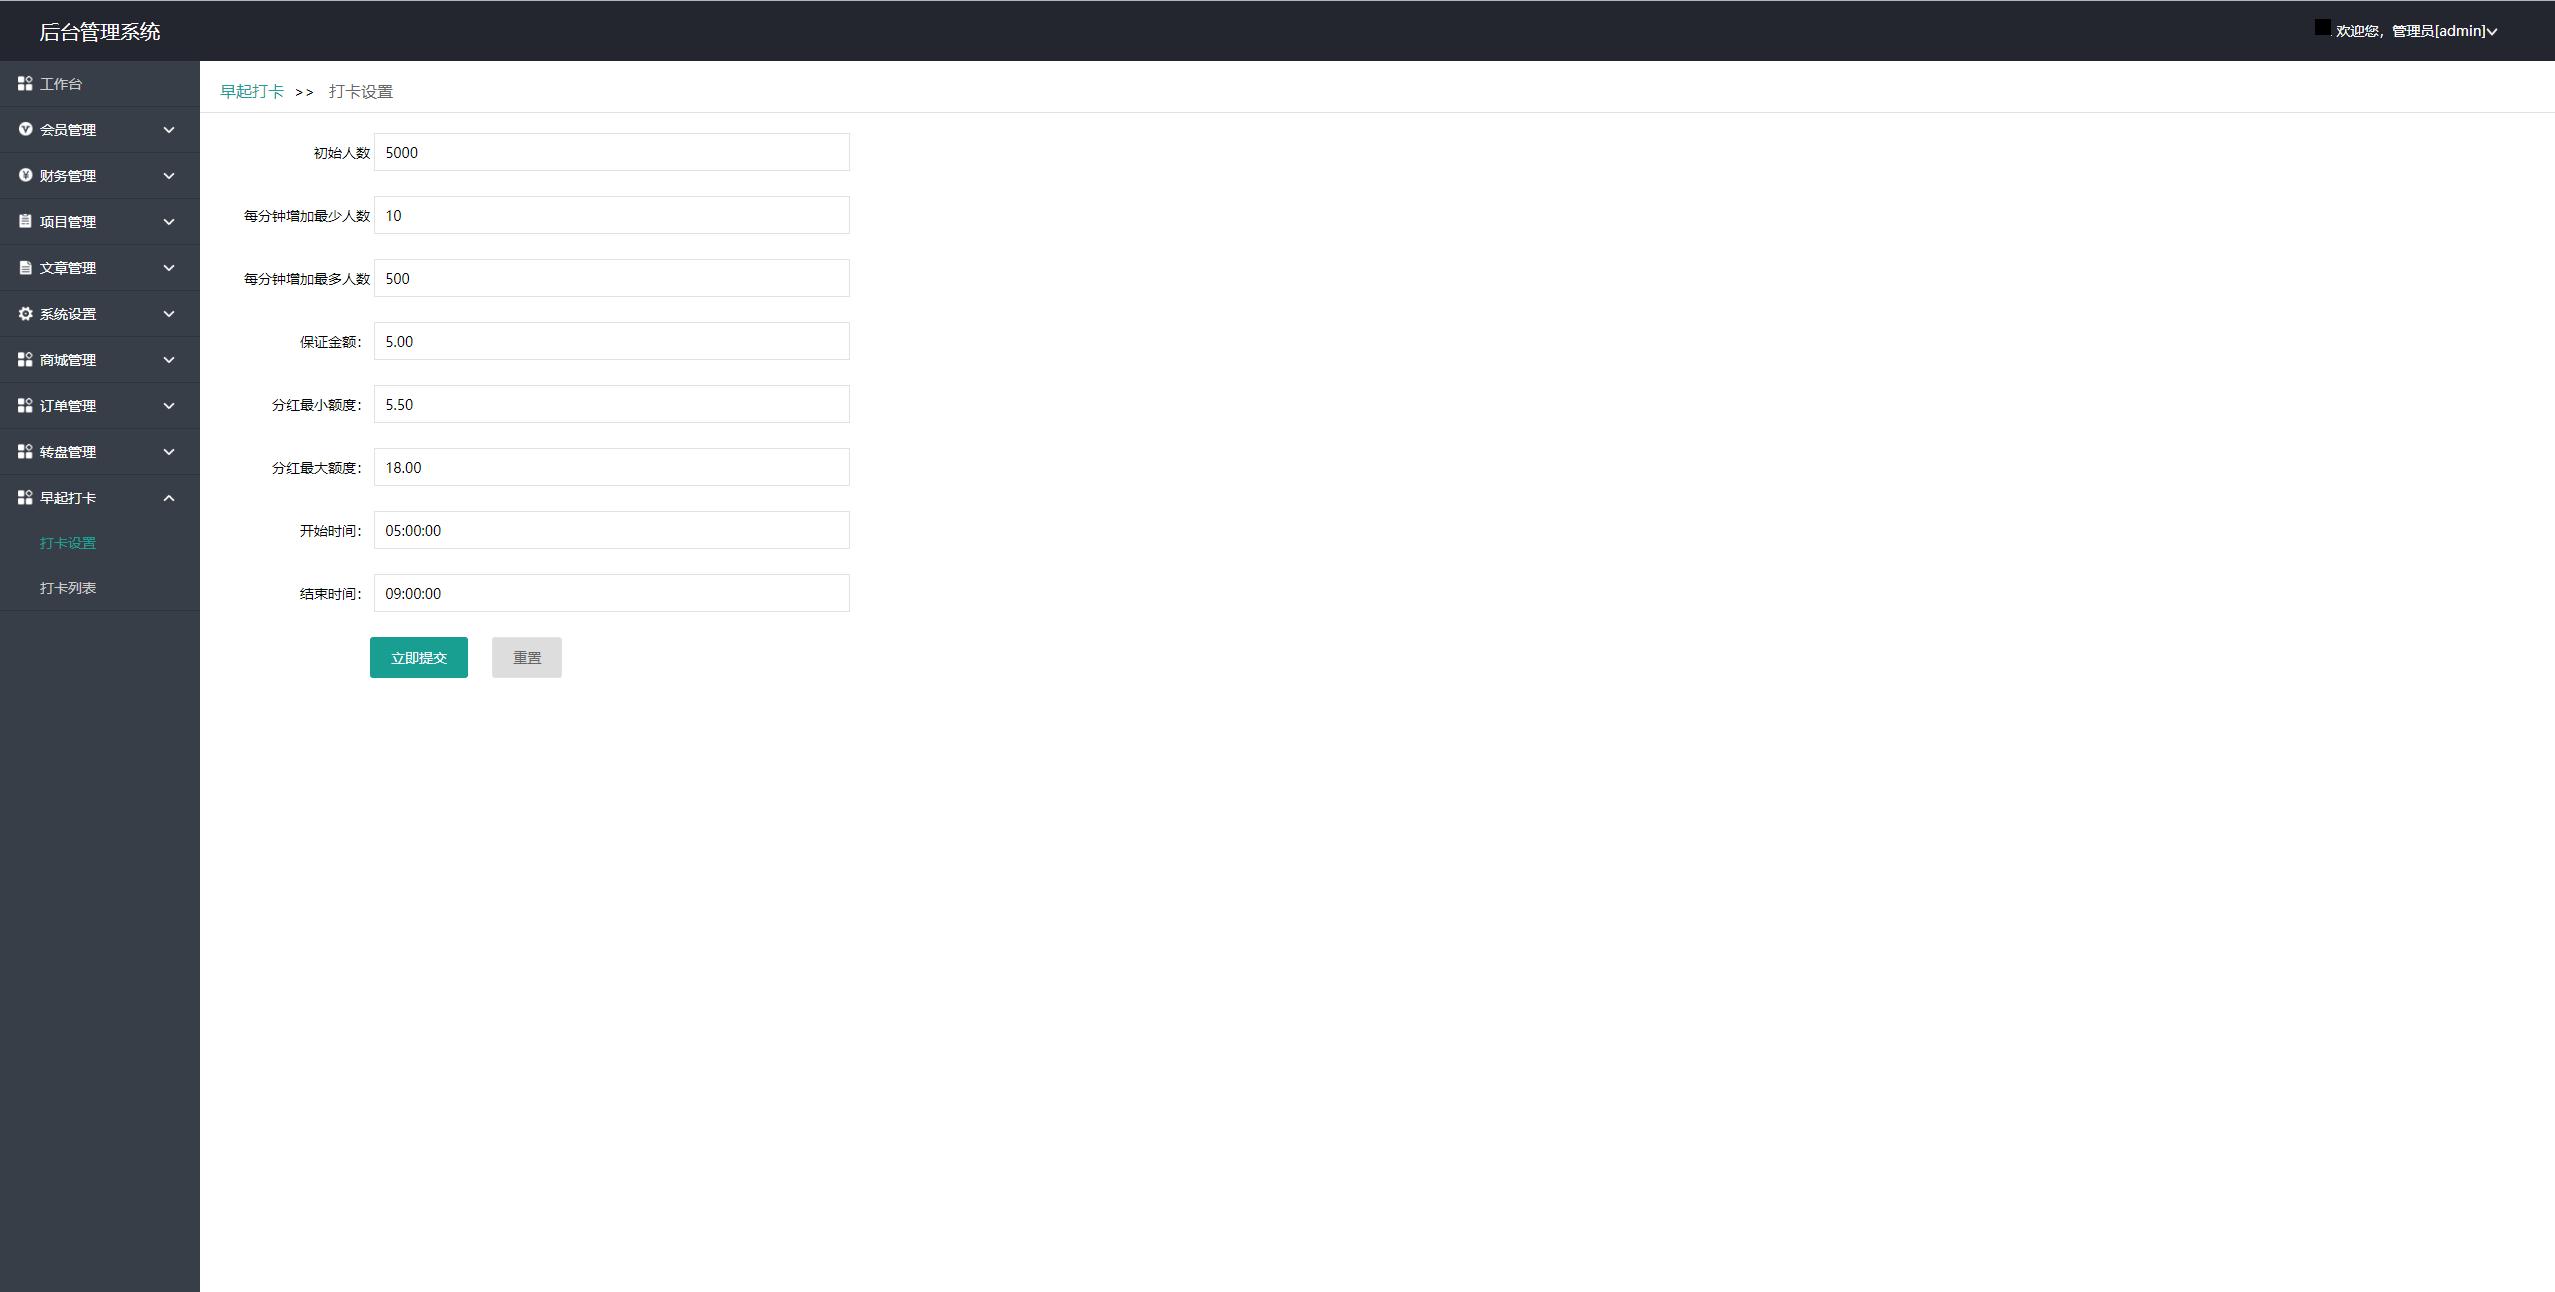 最新修复版早起打卡奖励源码_投资理财区块链系统网站源码下载_免签约支付接口_带安装搭建教程